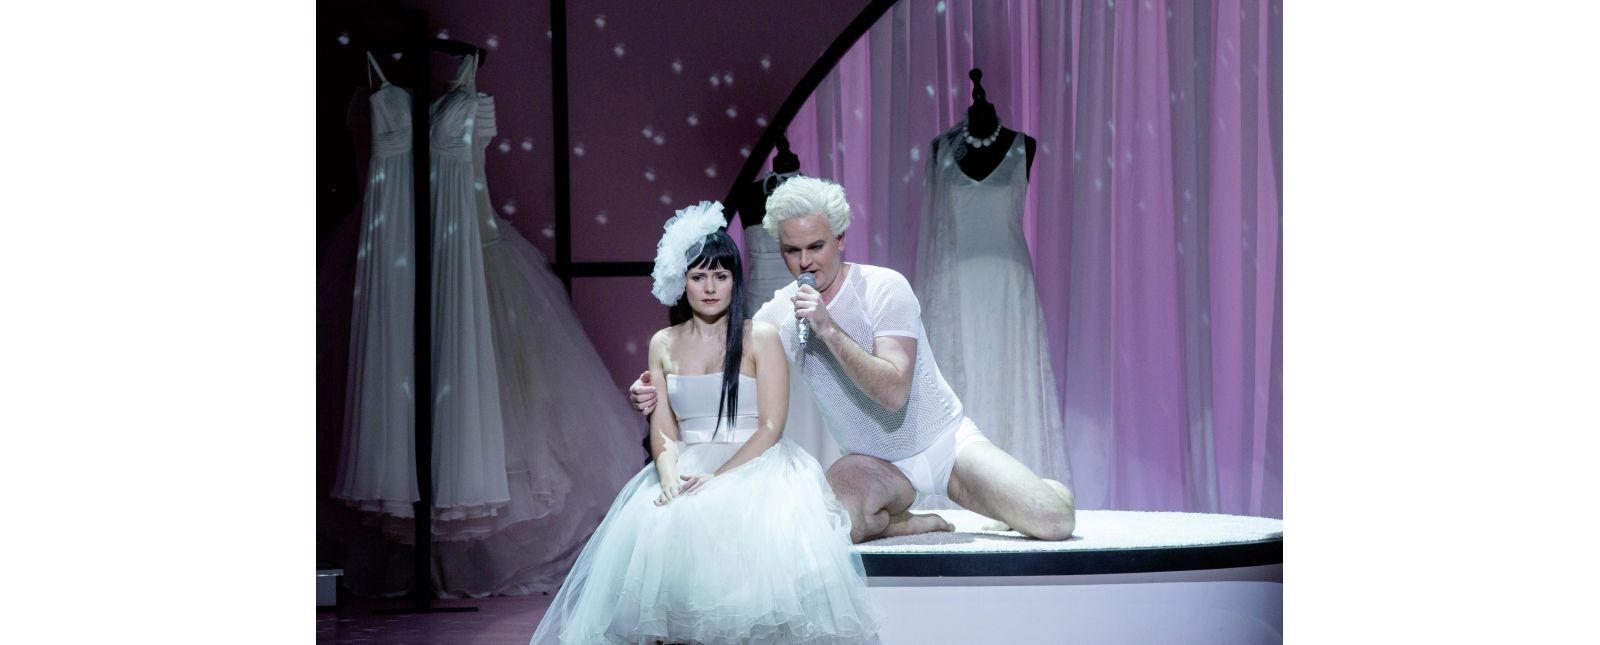 Die Hochzeit des Figaro // Katharina Ruckgaber / Michael Borth // 2020 // Rainer Muranyi